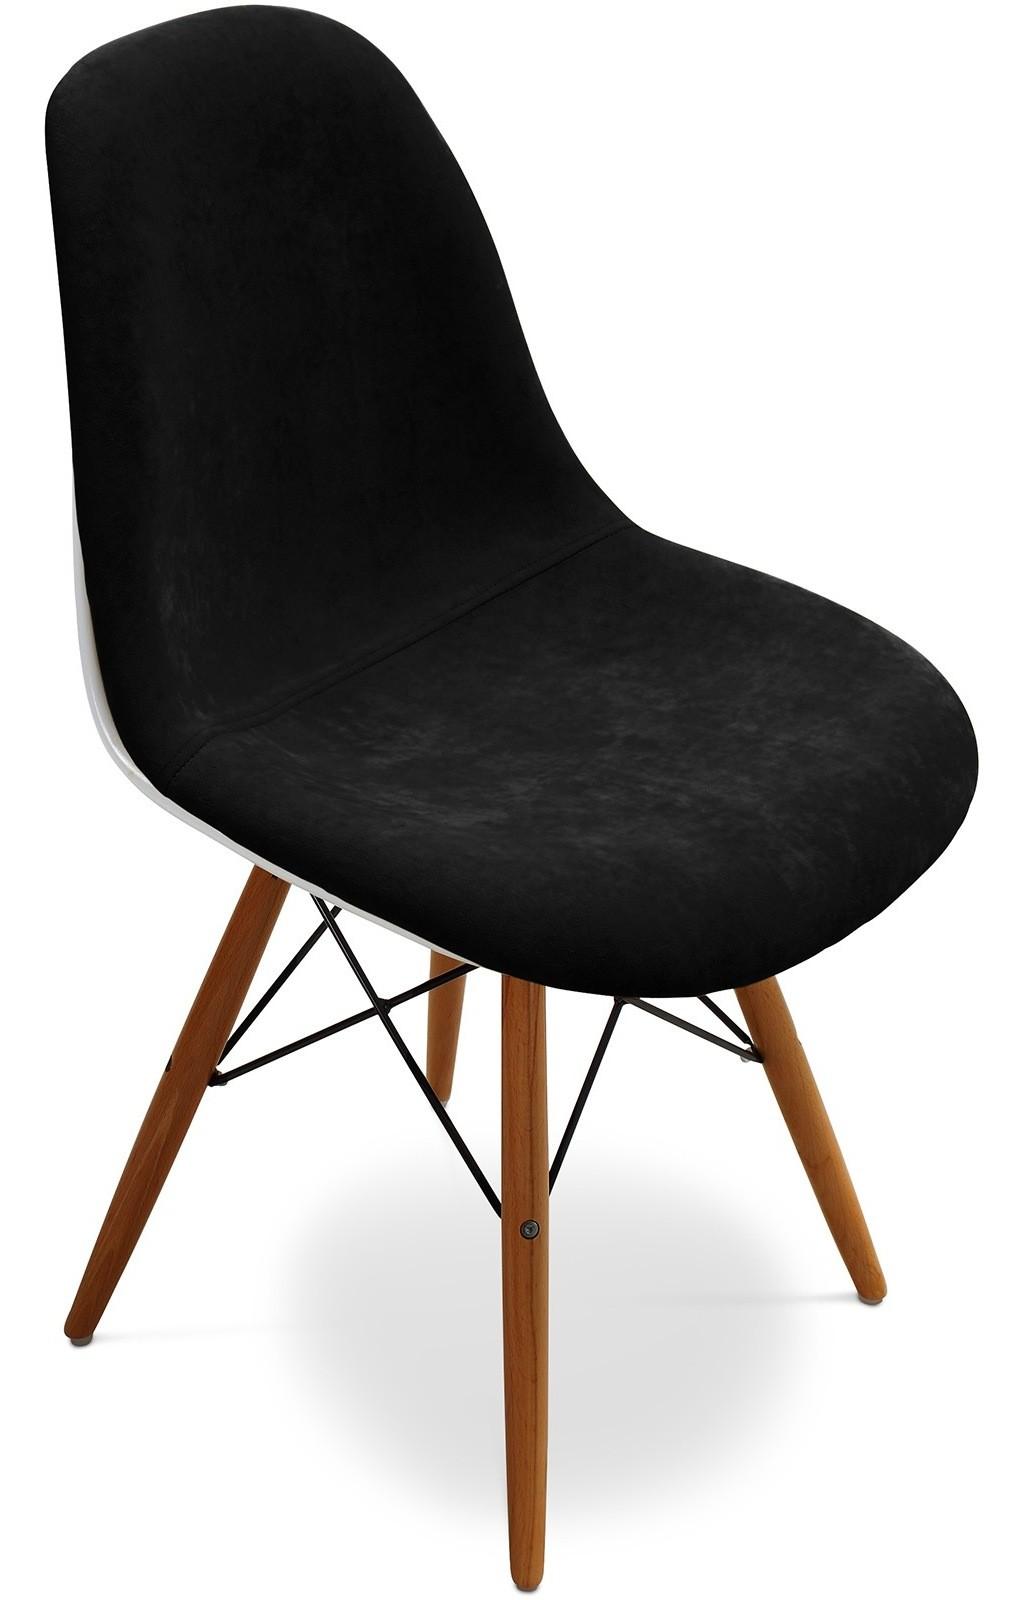 chaise tissu noir et pieds bois clair inspir e dsw. Black Bedroom Furniture Sets. Home Design Ideas